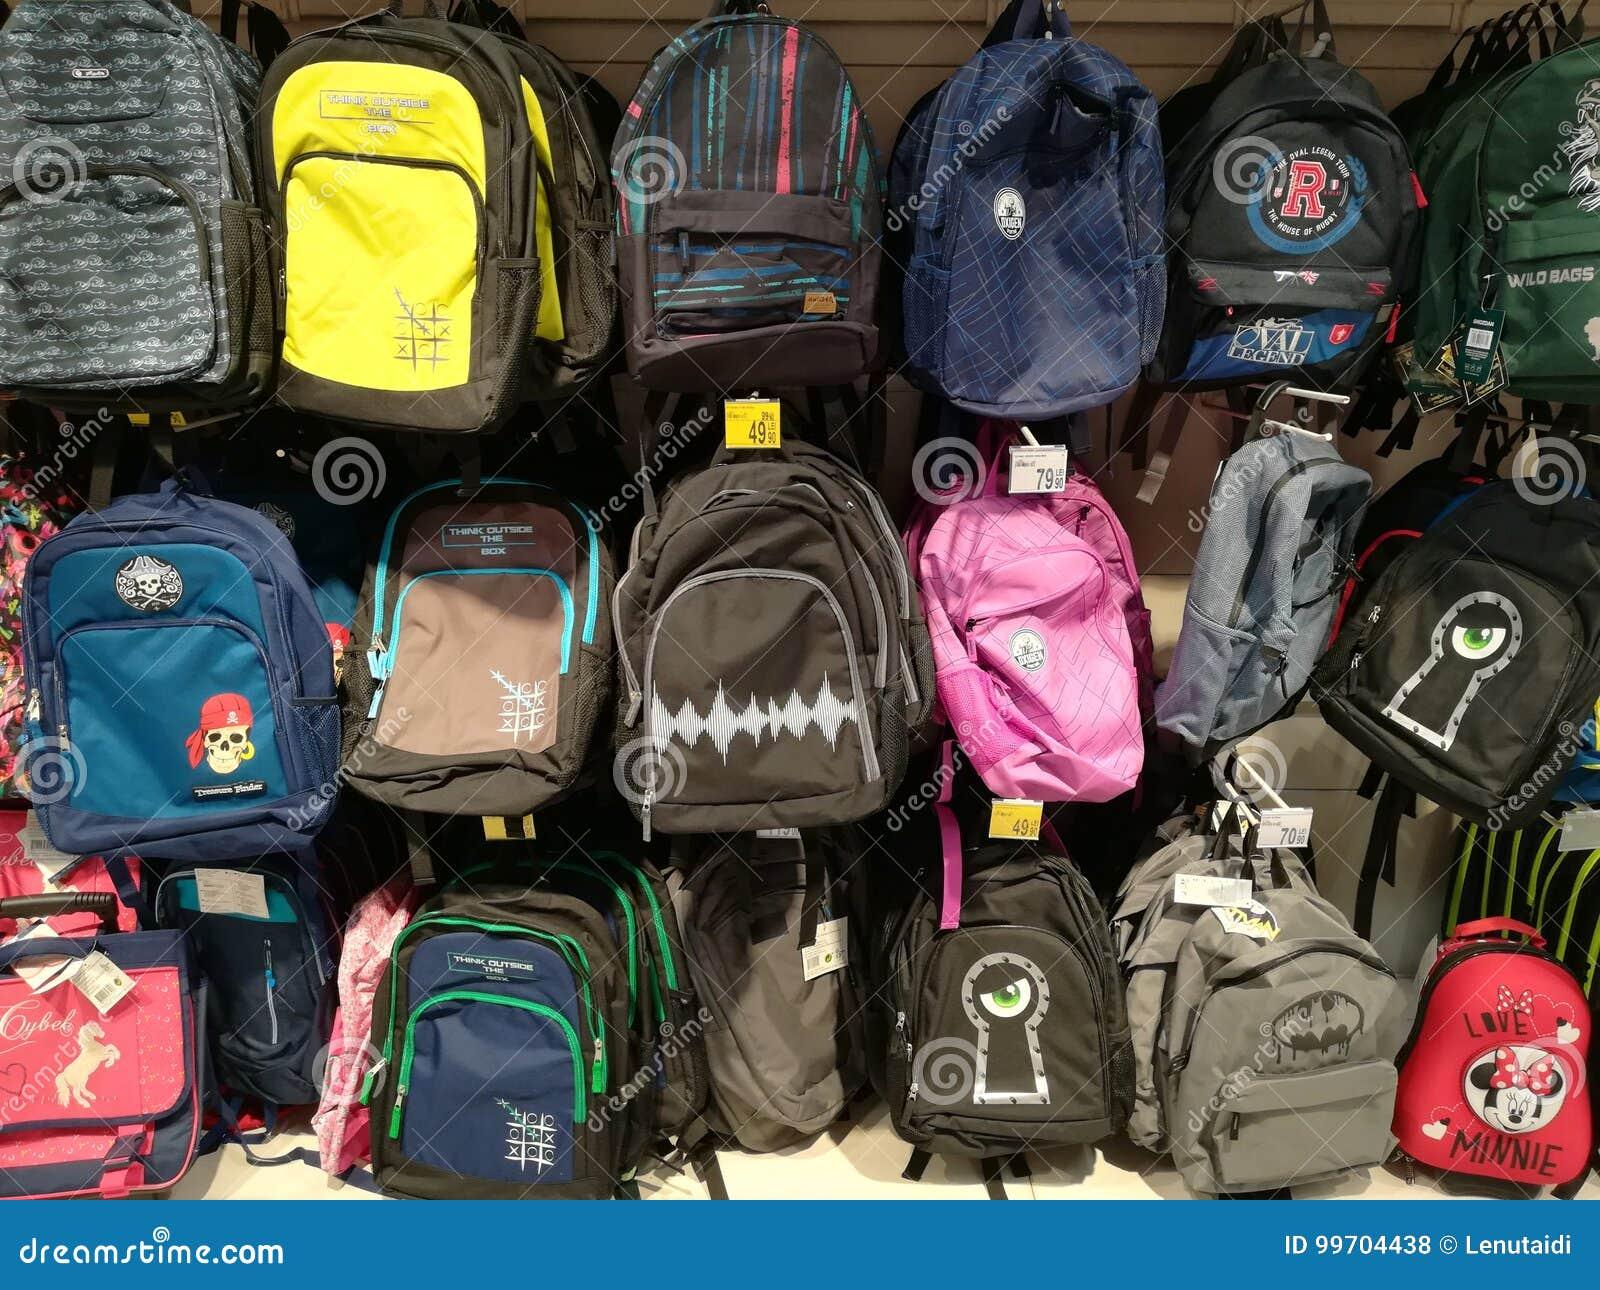 73acdbf7cd9 Σχολικά σακίδια πλάτης για τα παιδιά Εκδοτική Στοκ Εικόνες - εικόνα ...